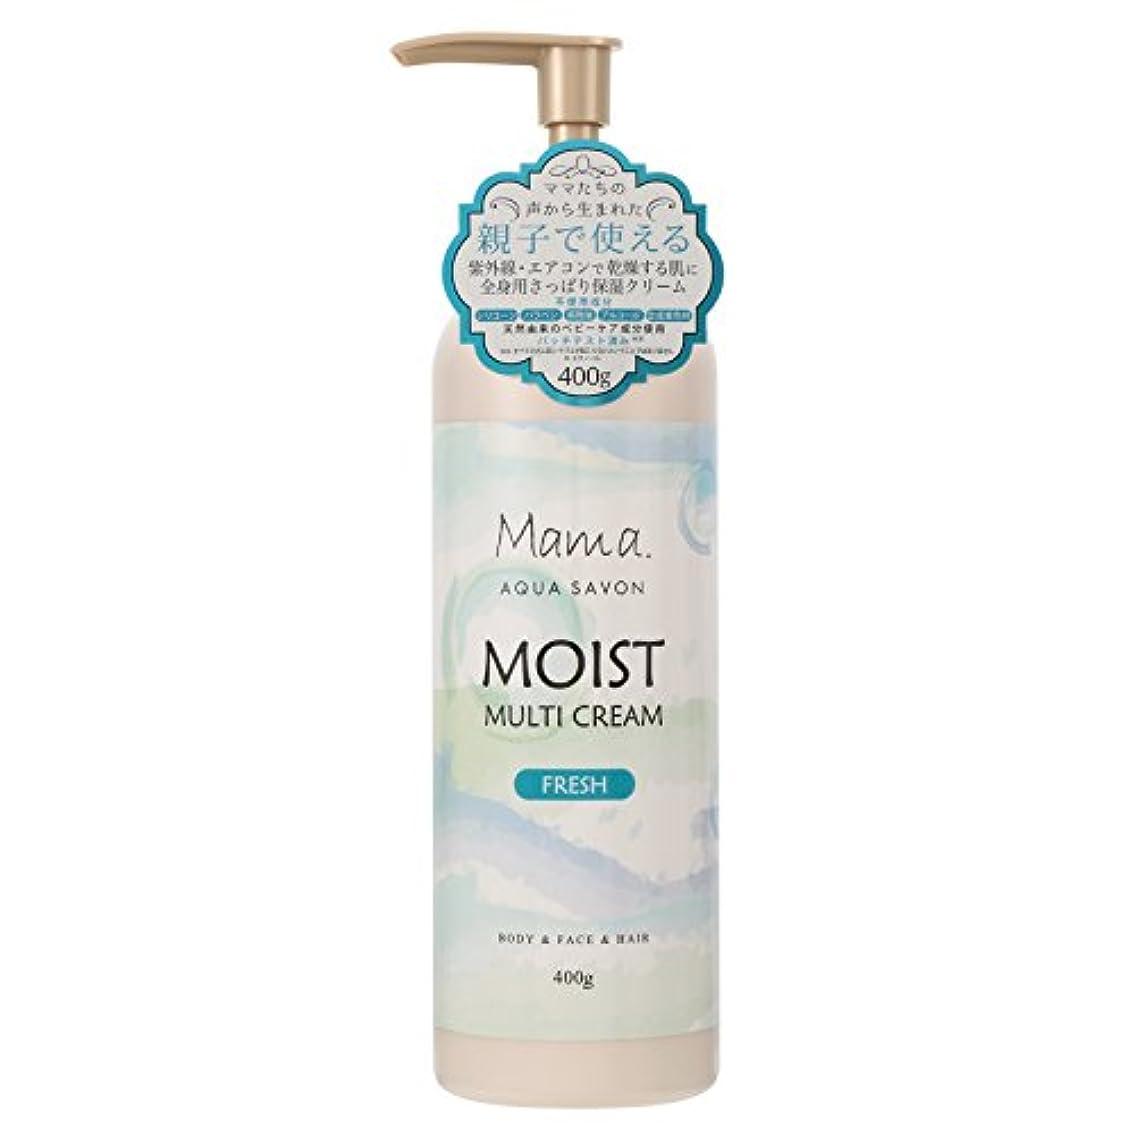 回転する九月喜ぶママアクアシャボン モイストマルチクリーム フレッシュ グリーンアロマウォーターの香り 400g